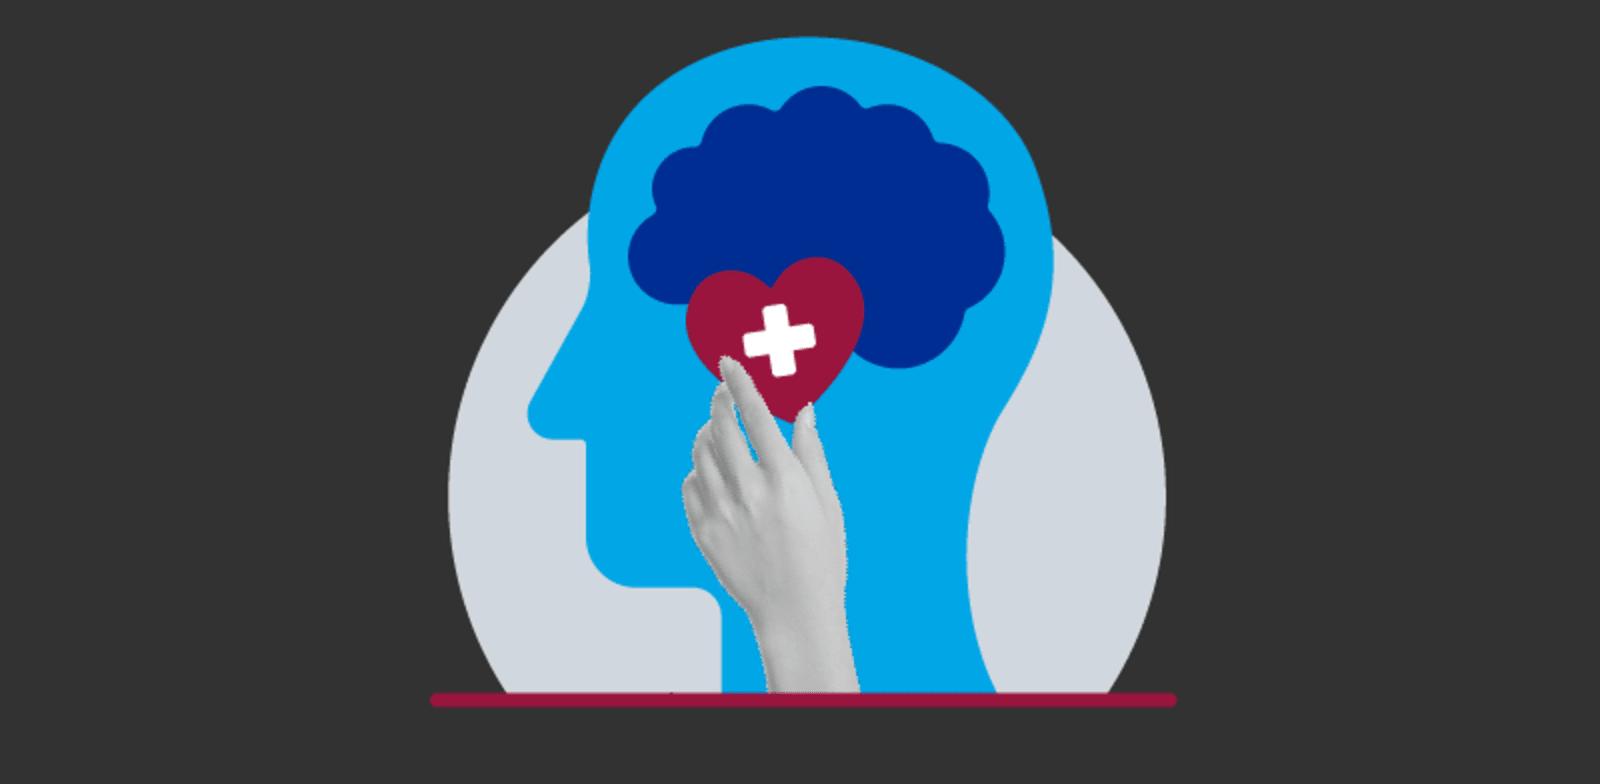 הגיע הזמן לדבר על בריאות נפשית בארגון / צילום: Shutterstock